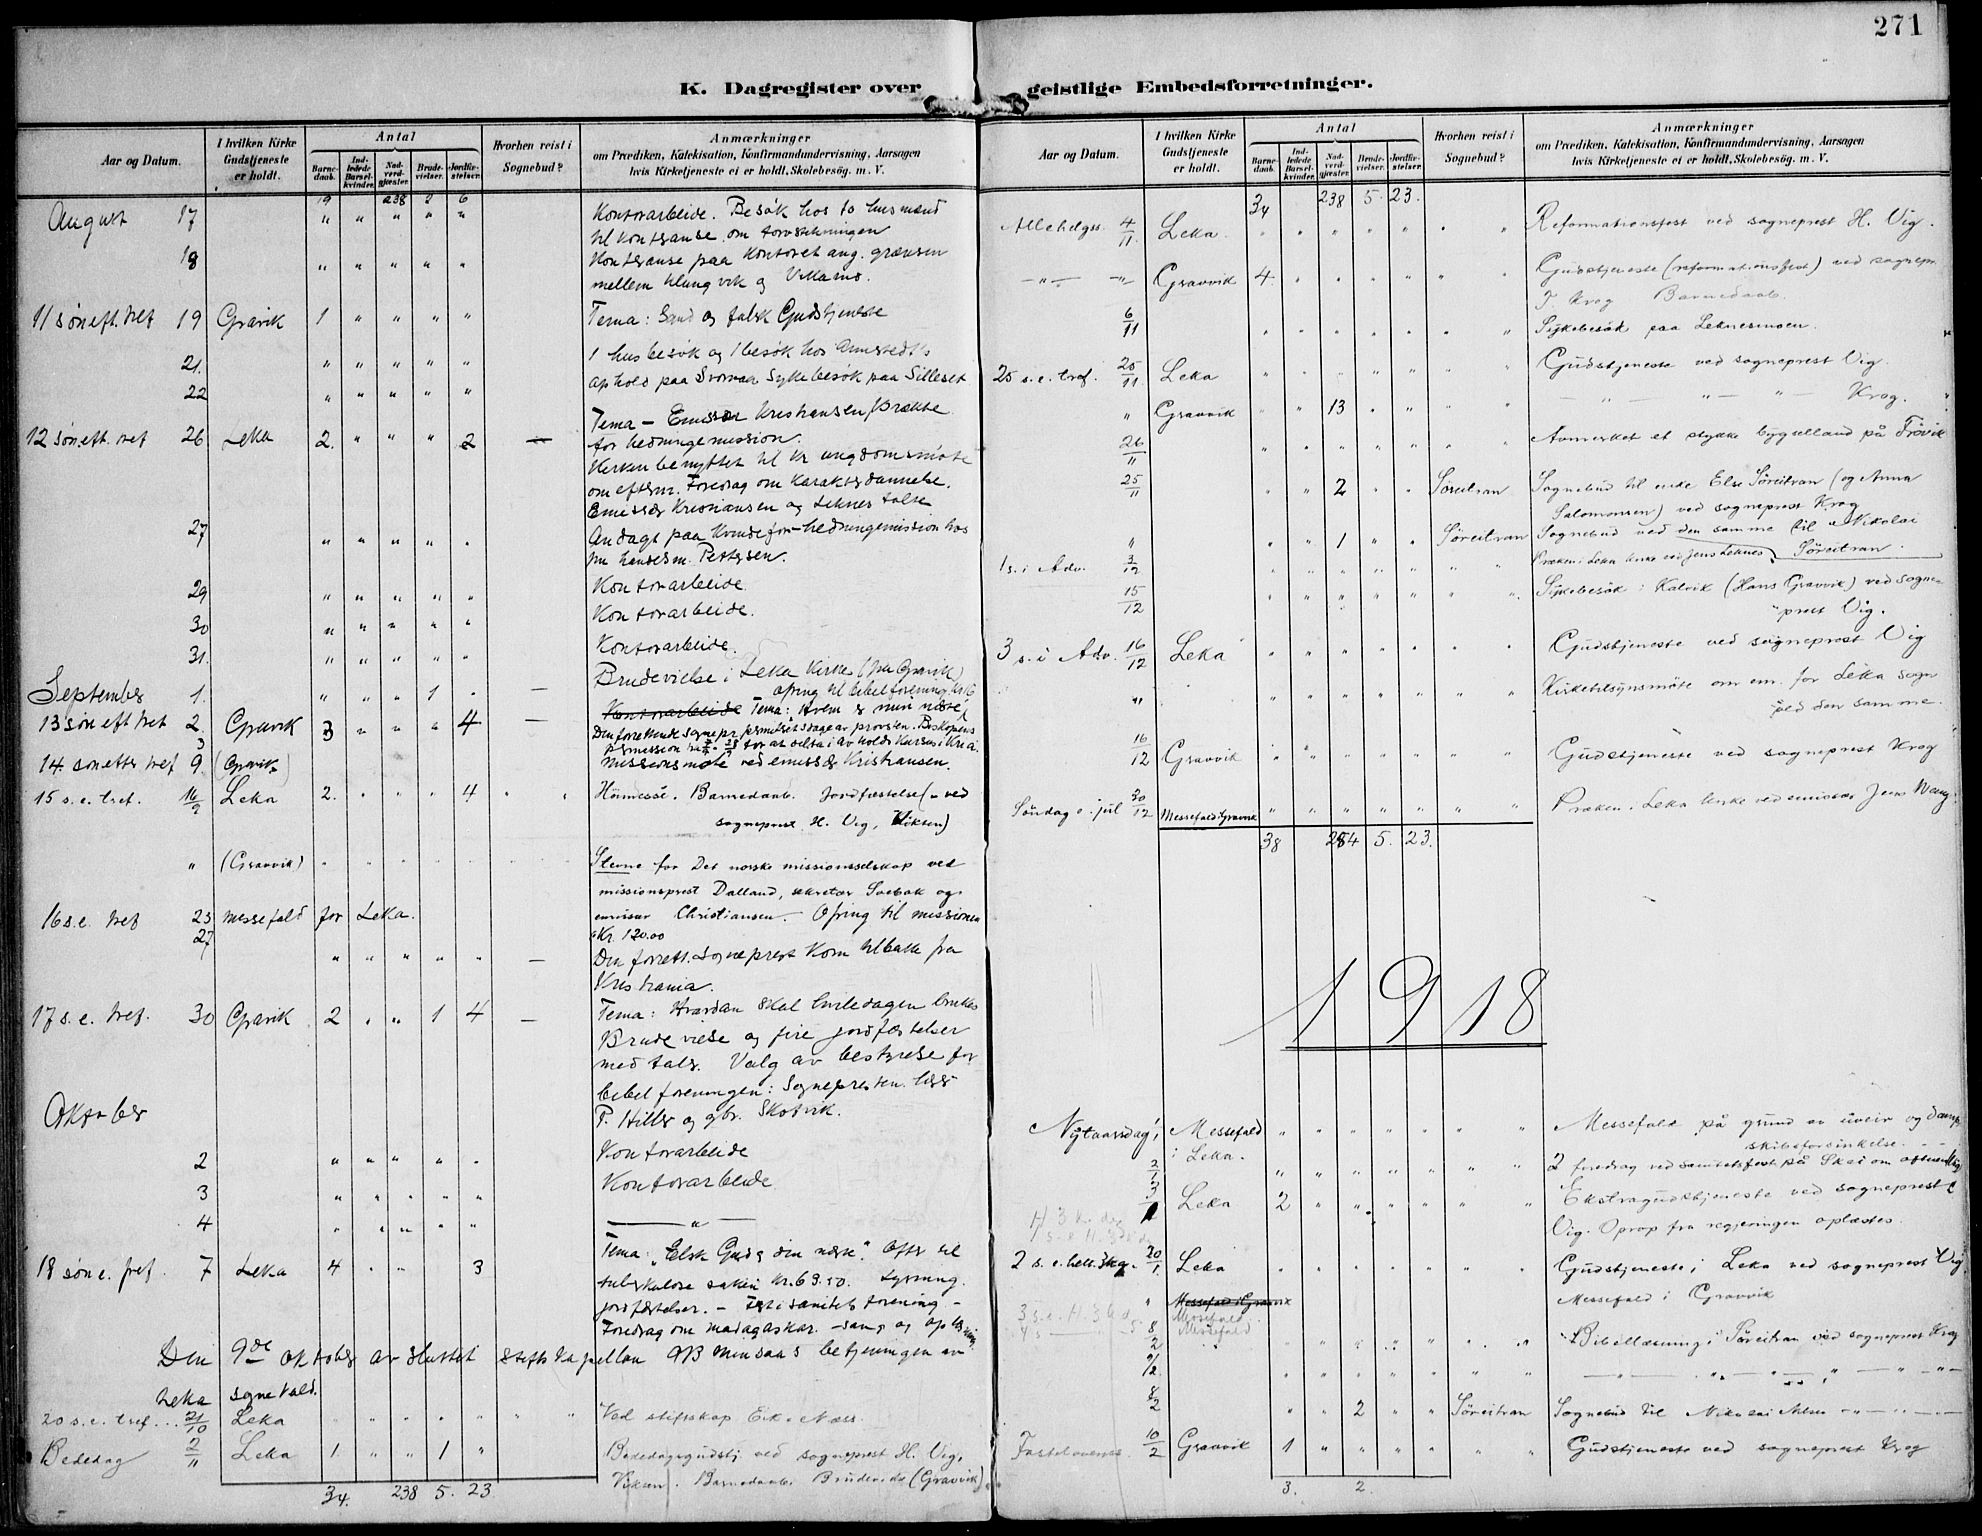 SAT, Ministerialprotokoller, klokkerbøker og fødselsregistre - Nord-Trøndelag, 788/L0698: Ministerialbok nr. 788A05, 1902-1921, s. 271